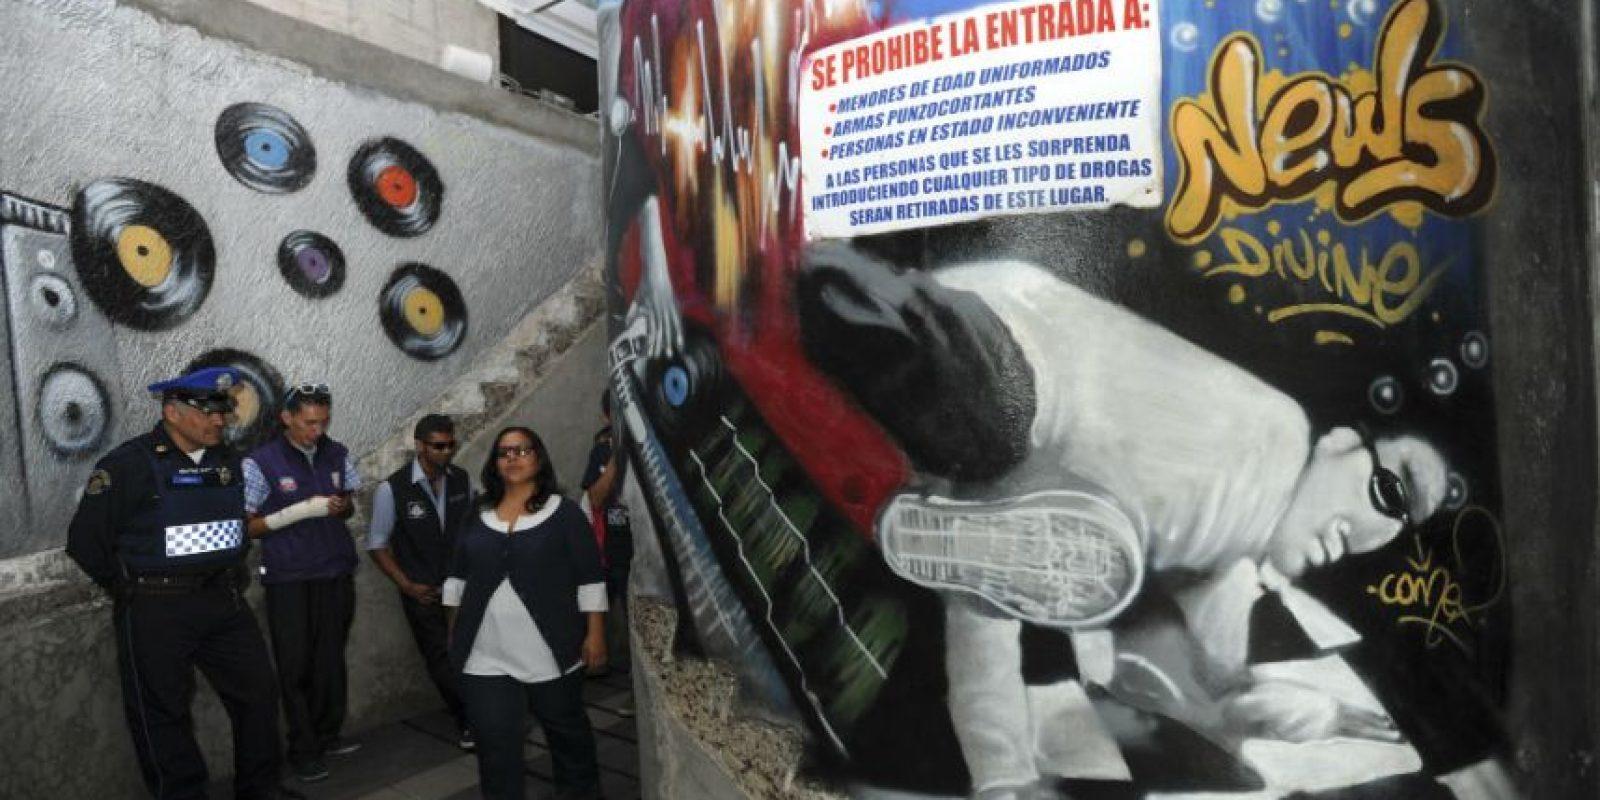 Hasta ahora se han aprobado amparos contra los policías capitalinos que participaron en el operativo. Foto: ARMANO MONROY /CUARTOSCURO